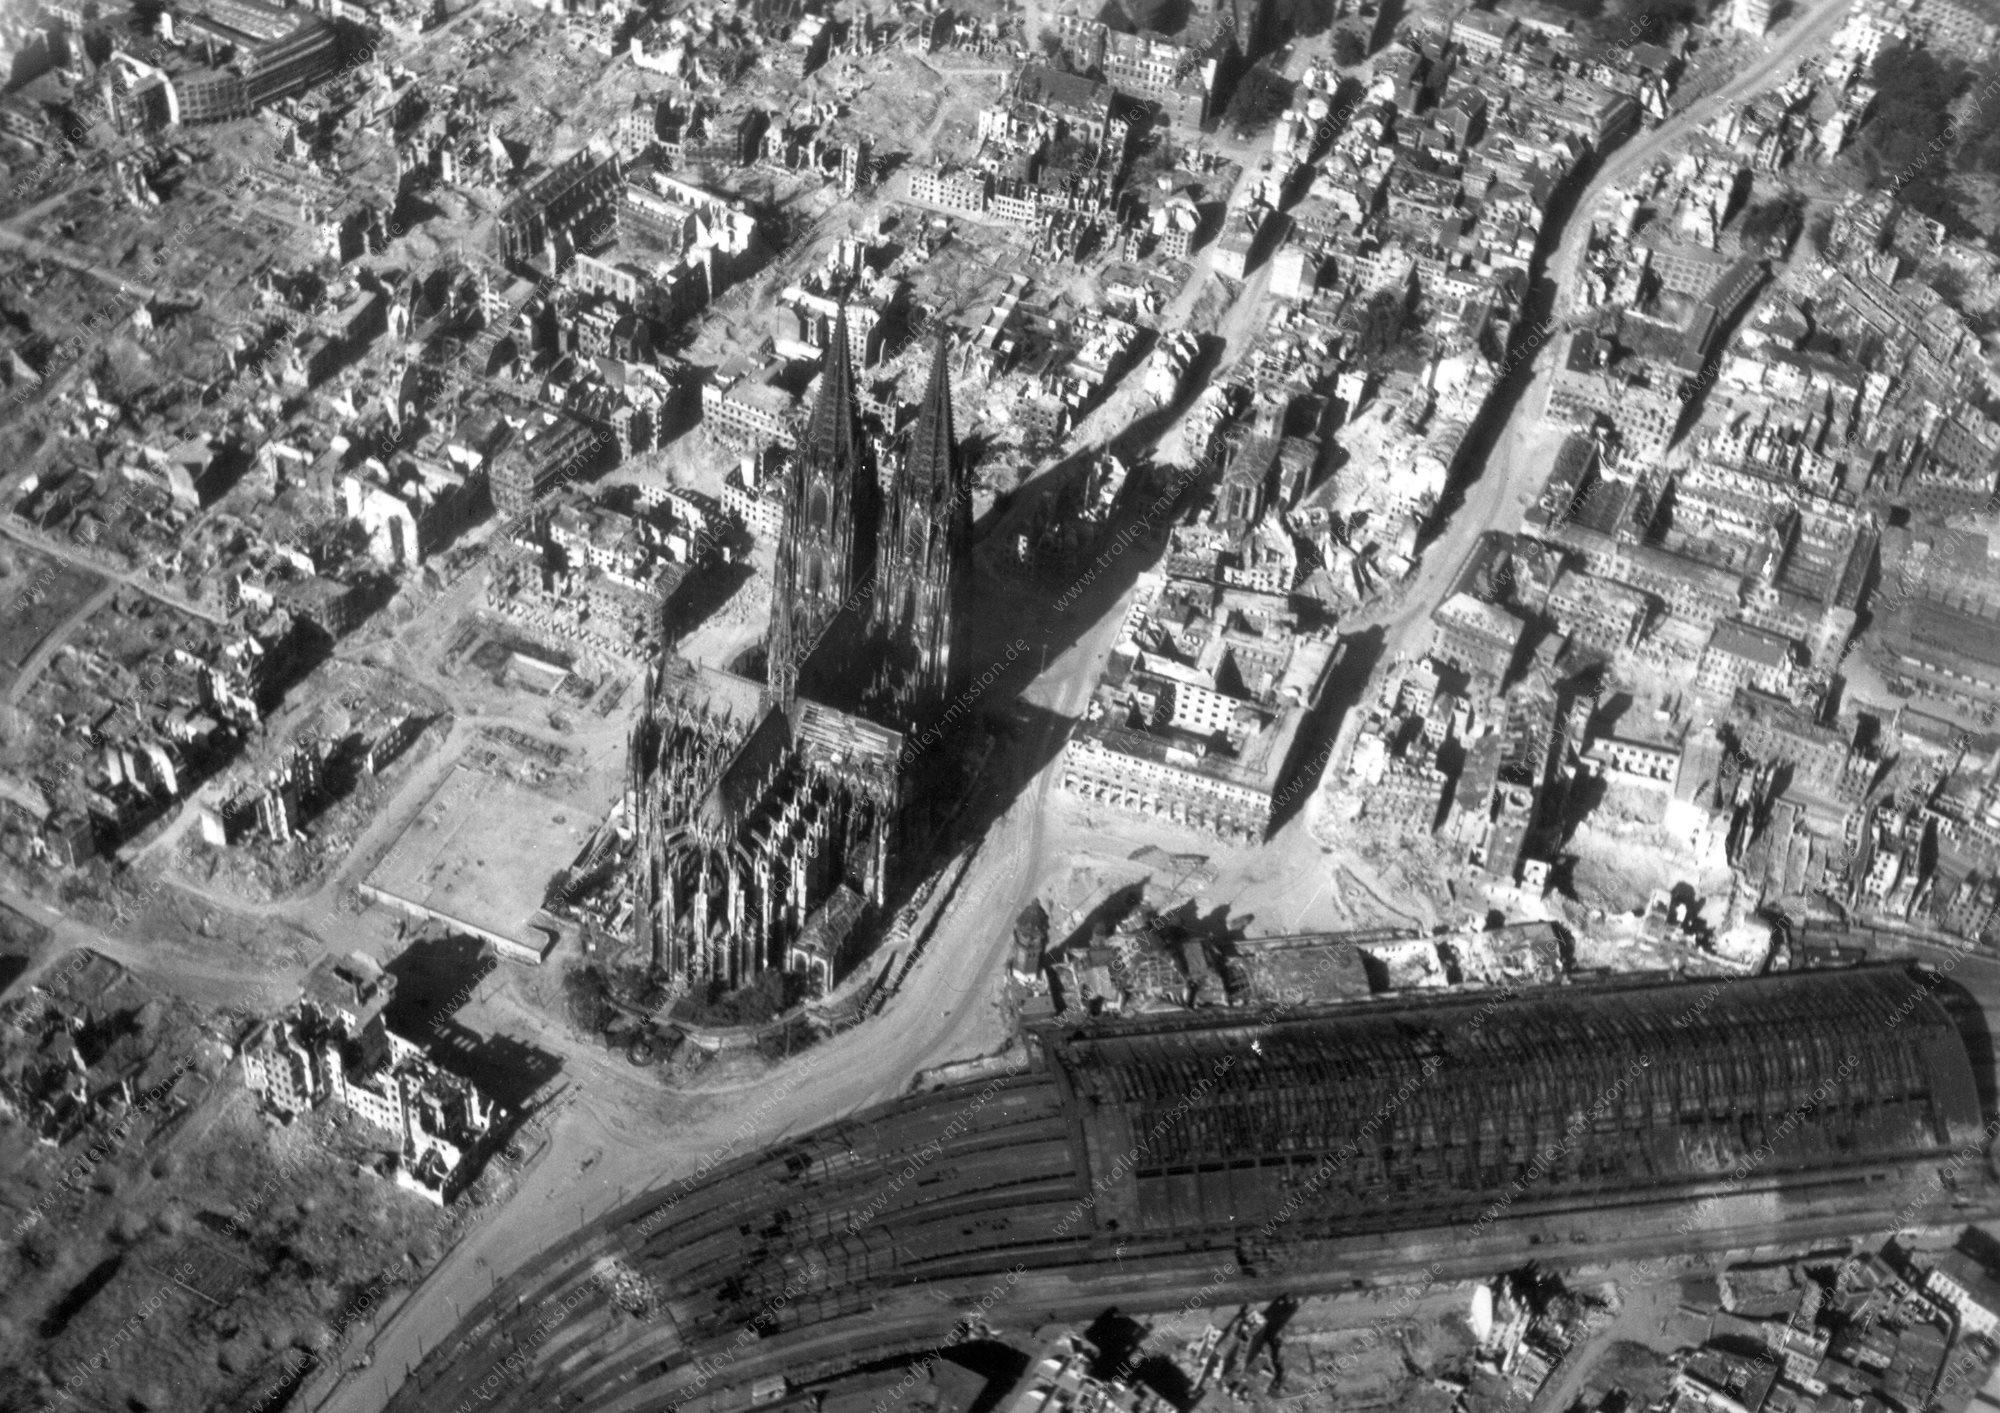 Köln Luftbild vom Hauptbahnhof und vom Dom - Zweiter Weltkrieg